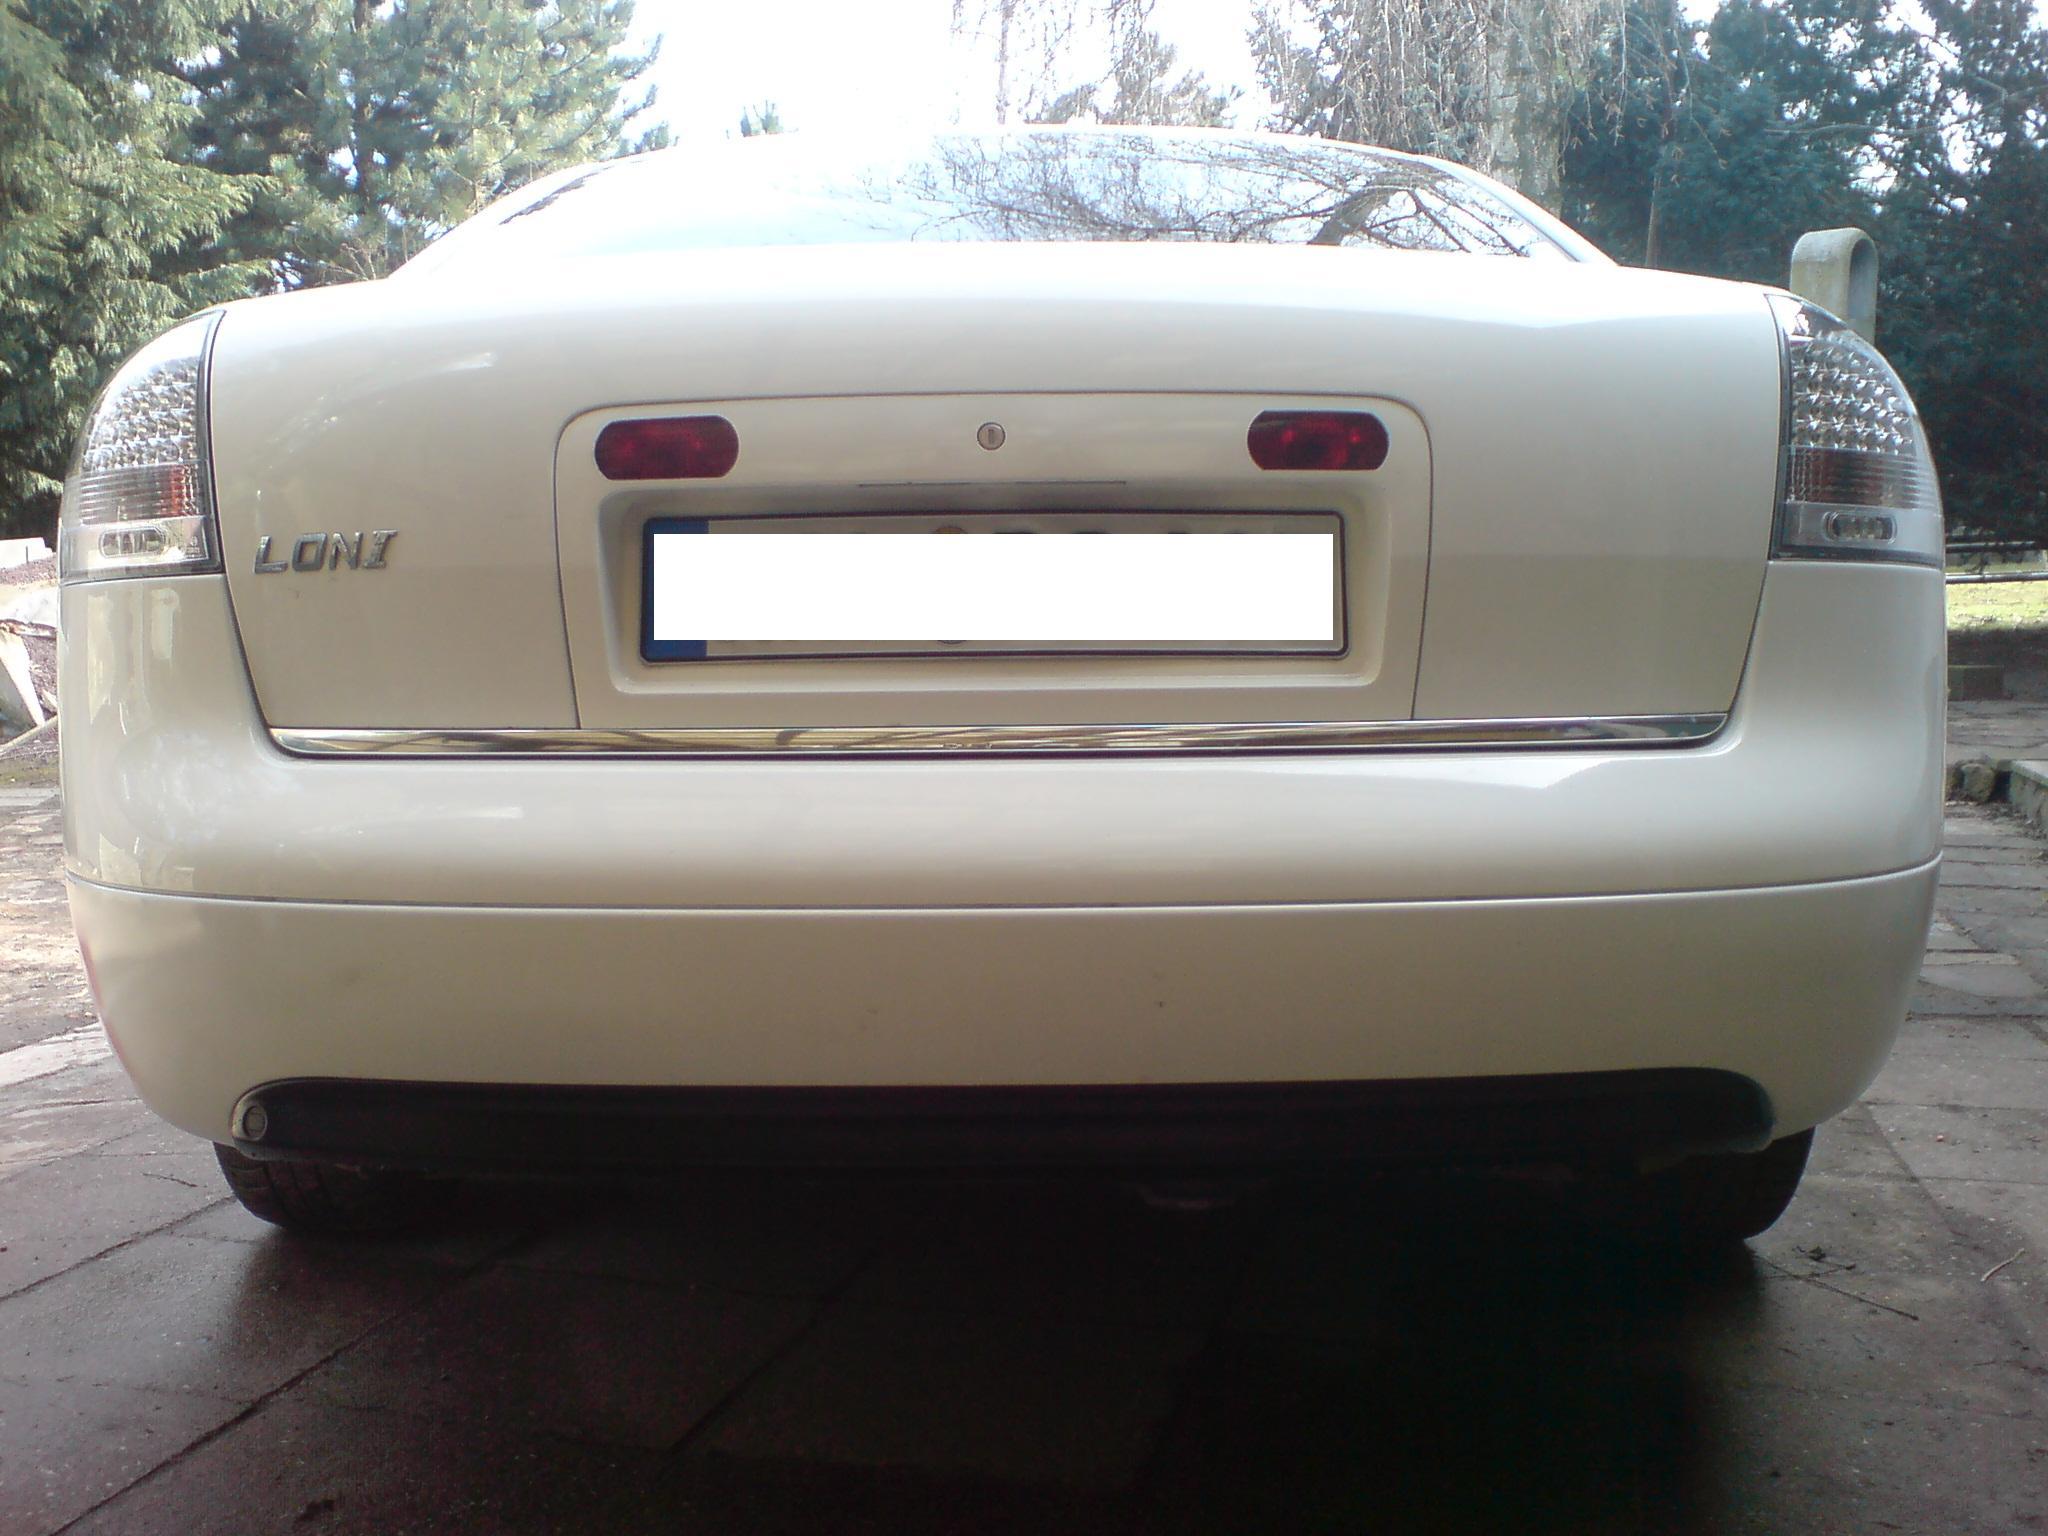 Blog Eintrag Infos zum Wagen zum Auto Audi A6 quattro pagenstecher